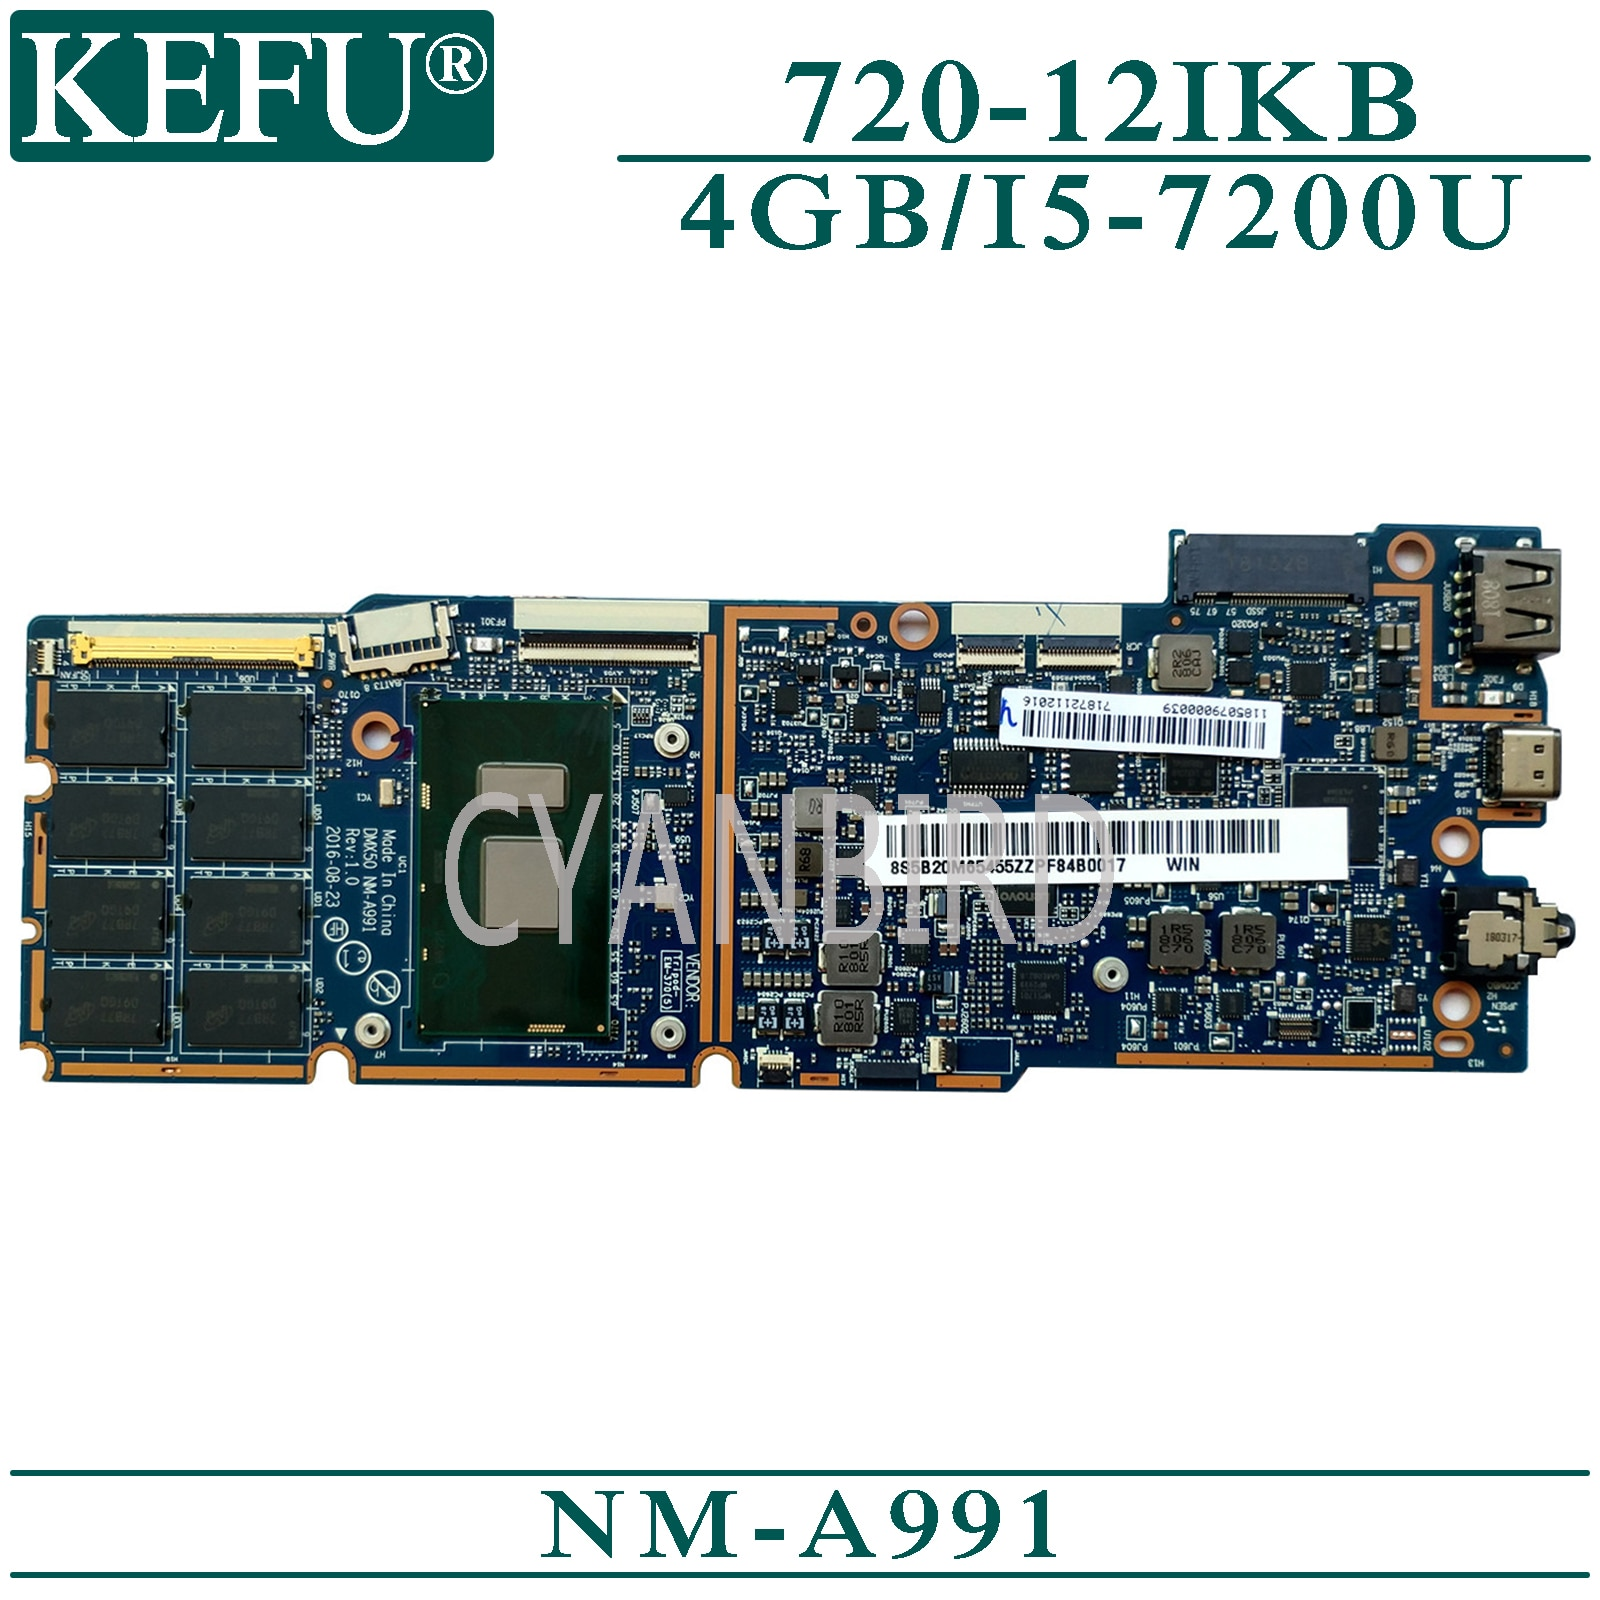 KEFU NM-A991 placa madre original para Lenovo mimix 720-12IKB con 4GB-RAM I5-7200U placa base para ordenador portátil